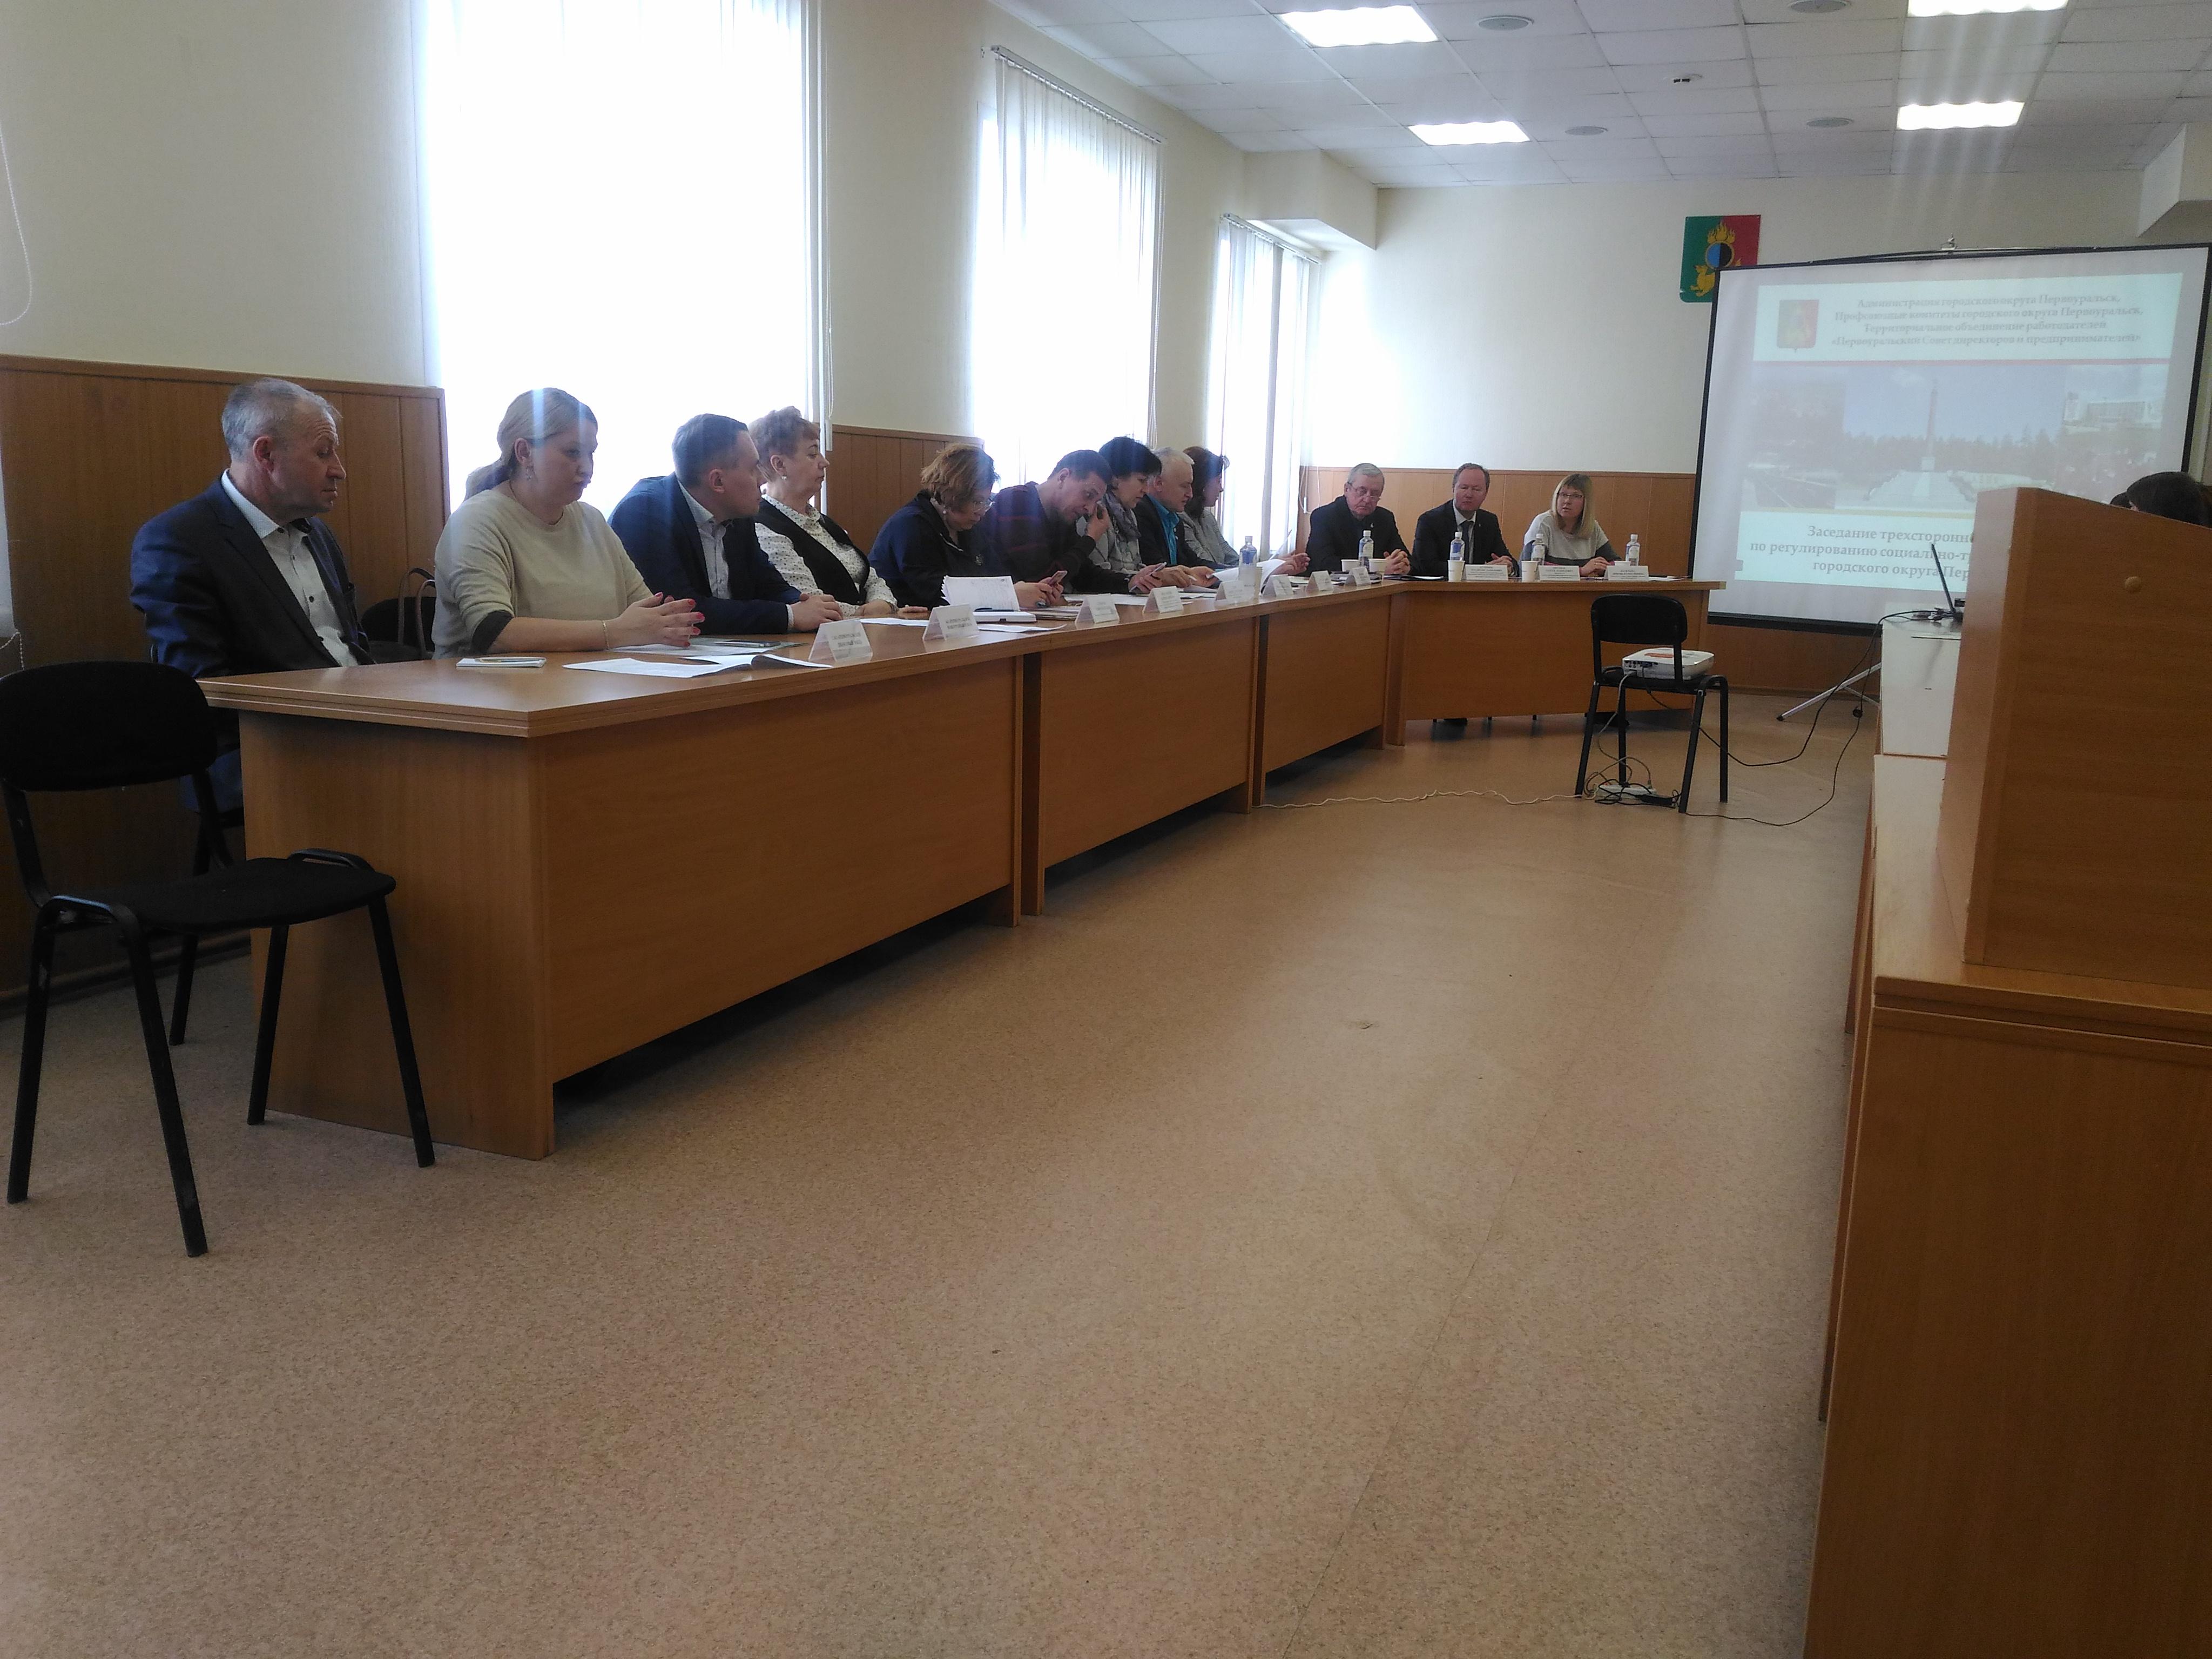 Депутаты приняли участие в заседании комиссии по трудовым отношениям